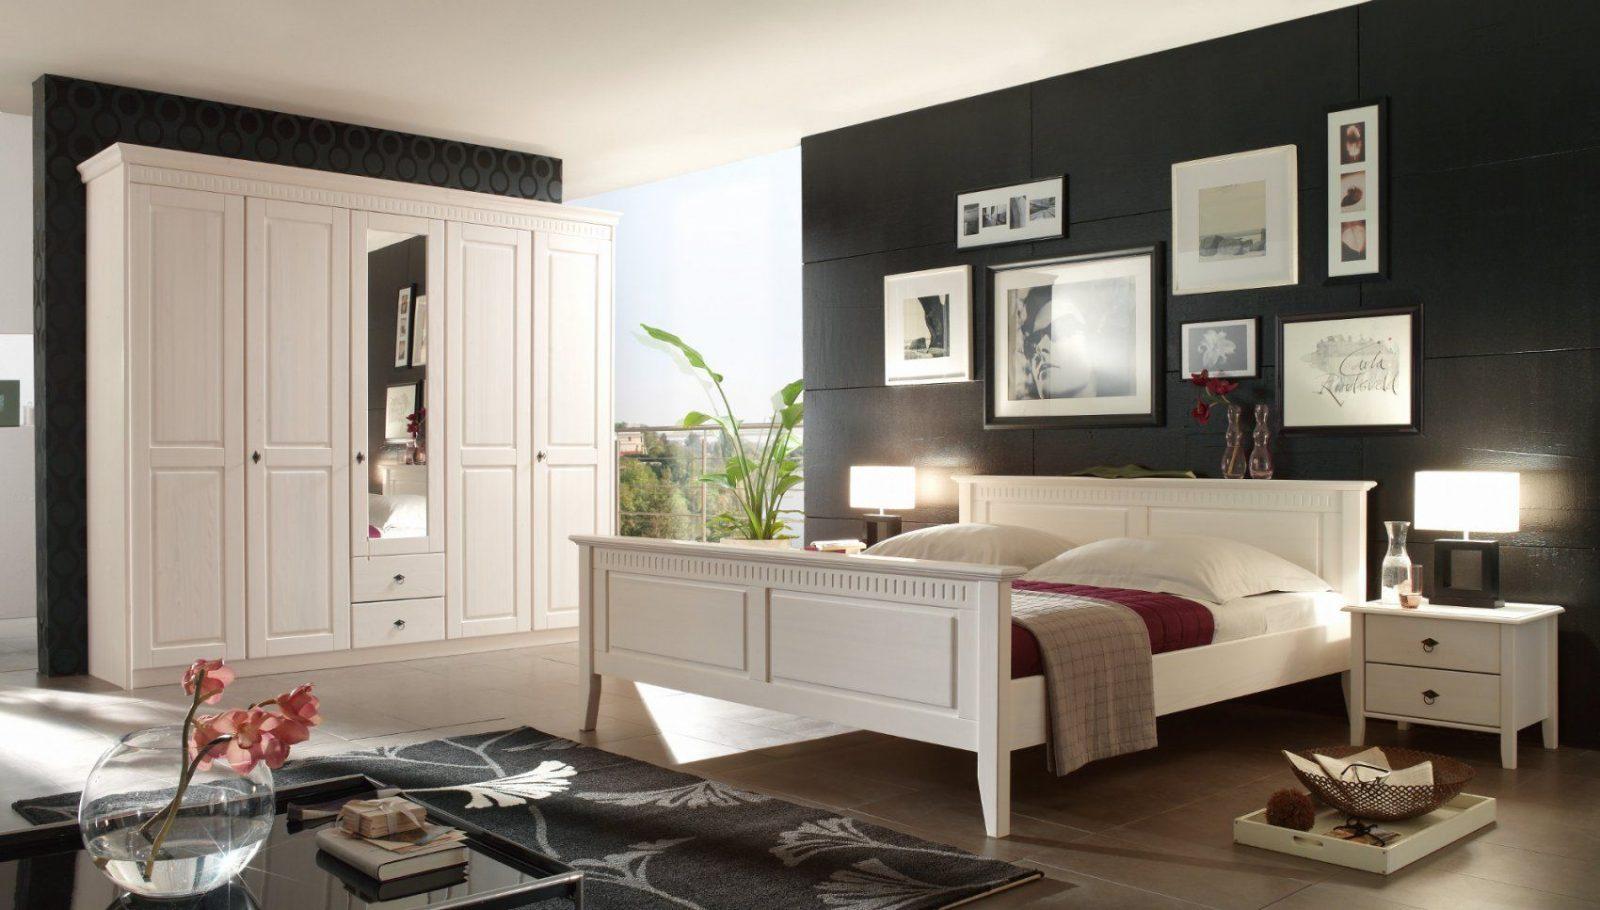 Schlafzimmer Kiefer Massiv Weiß Im Landhausstil Bolzano von Schlafzimmer Im Landhausstil Weiß Bild